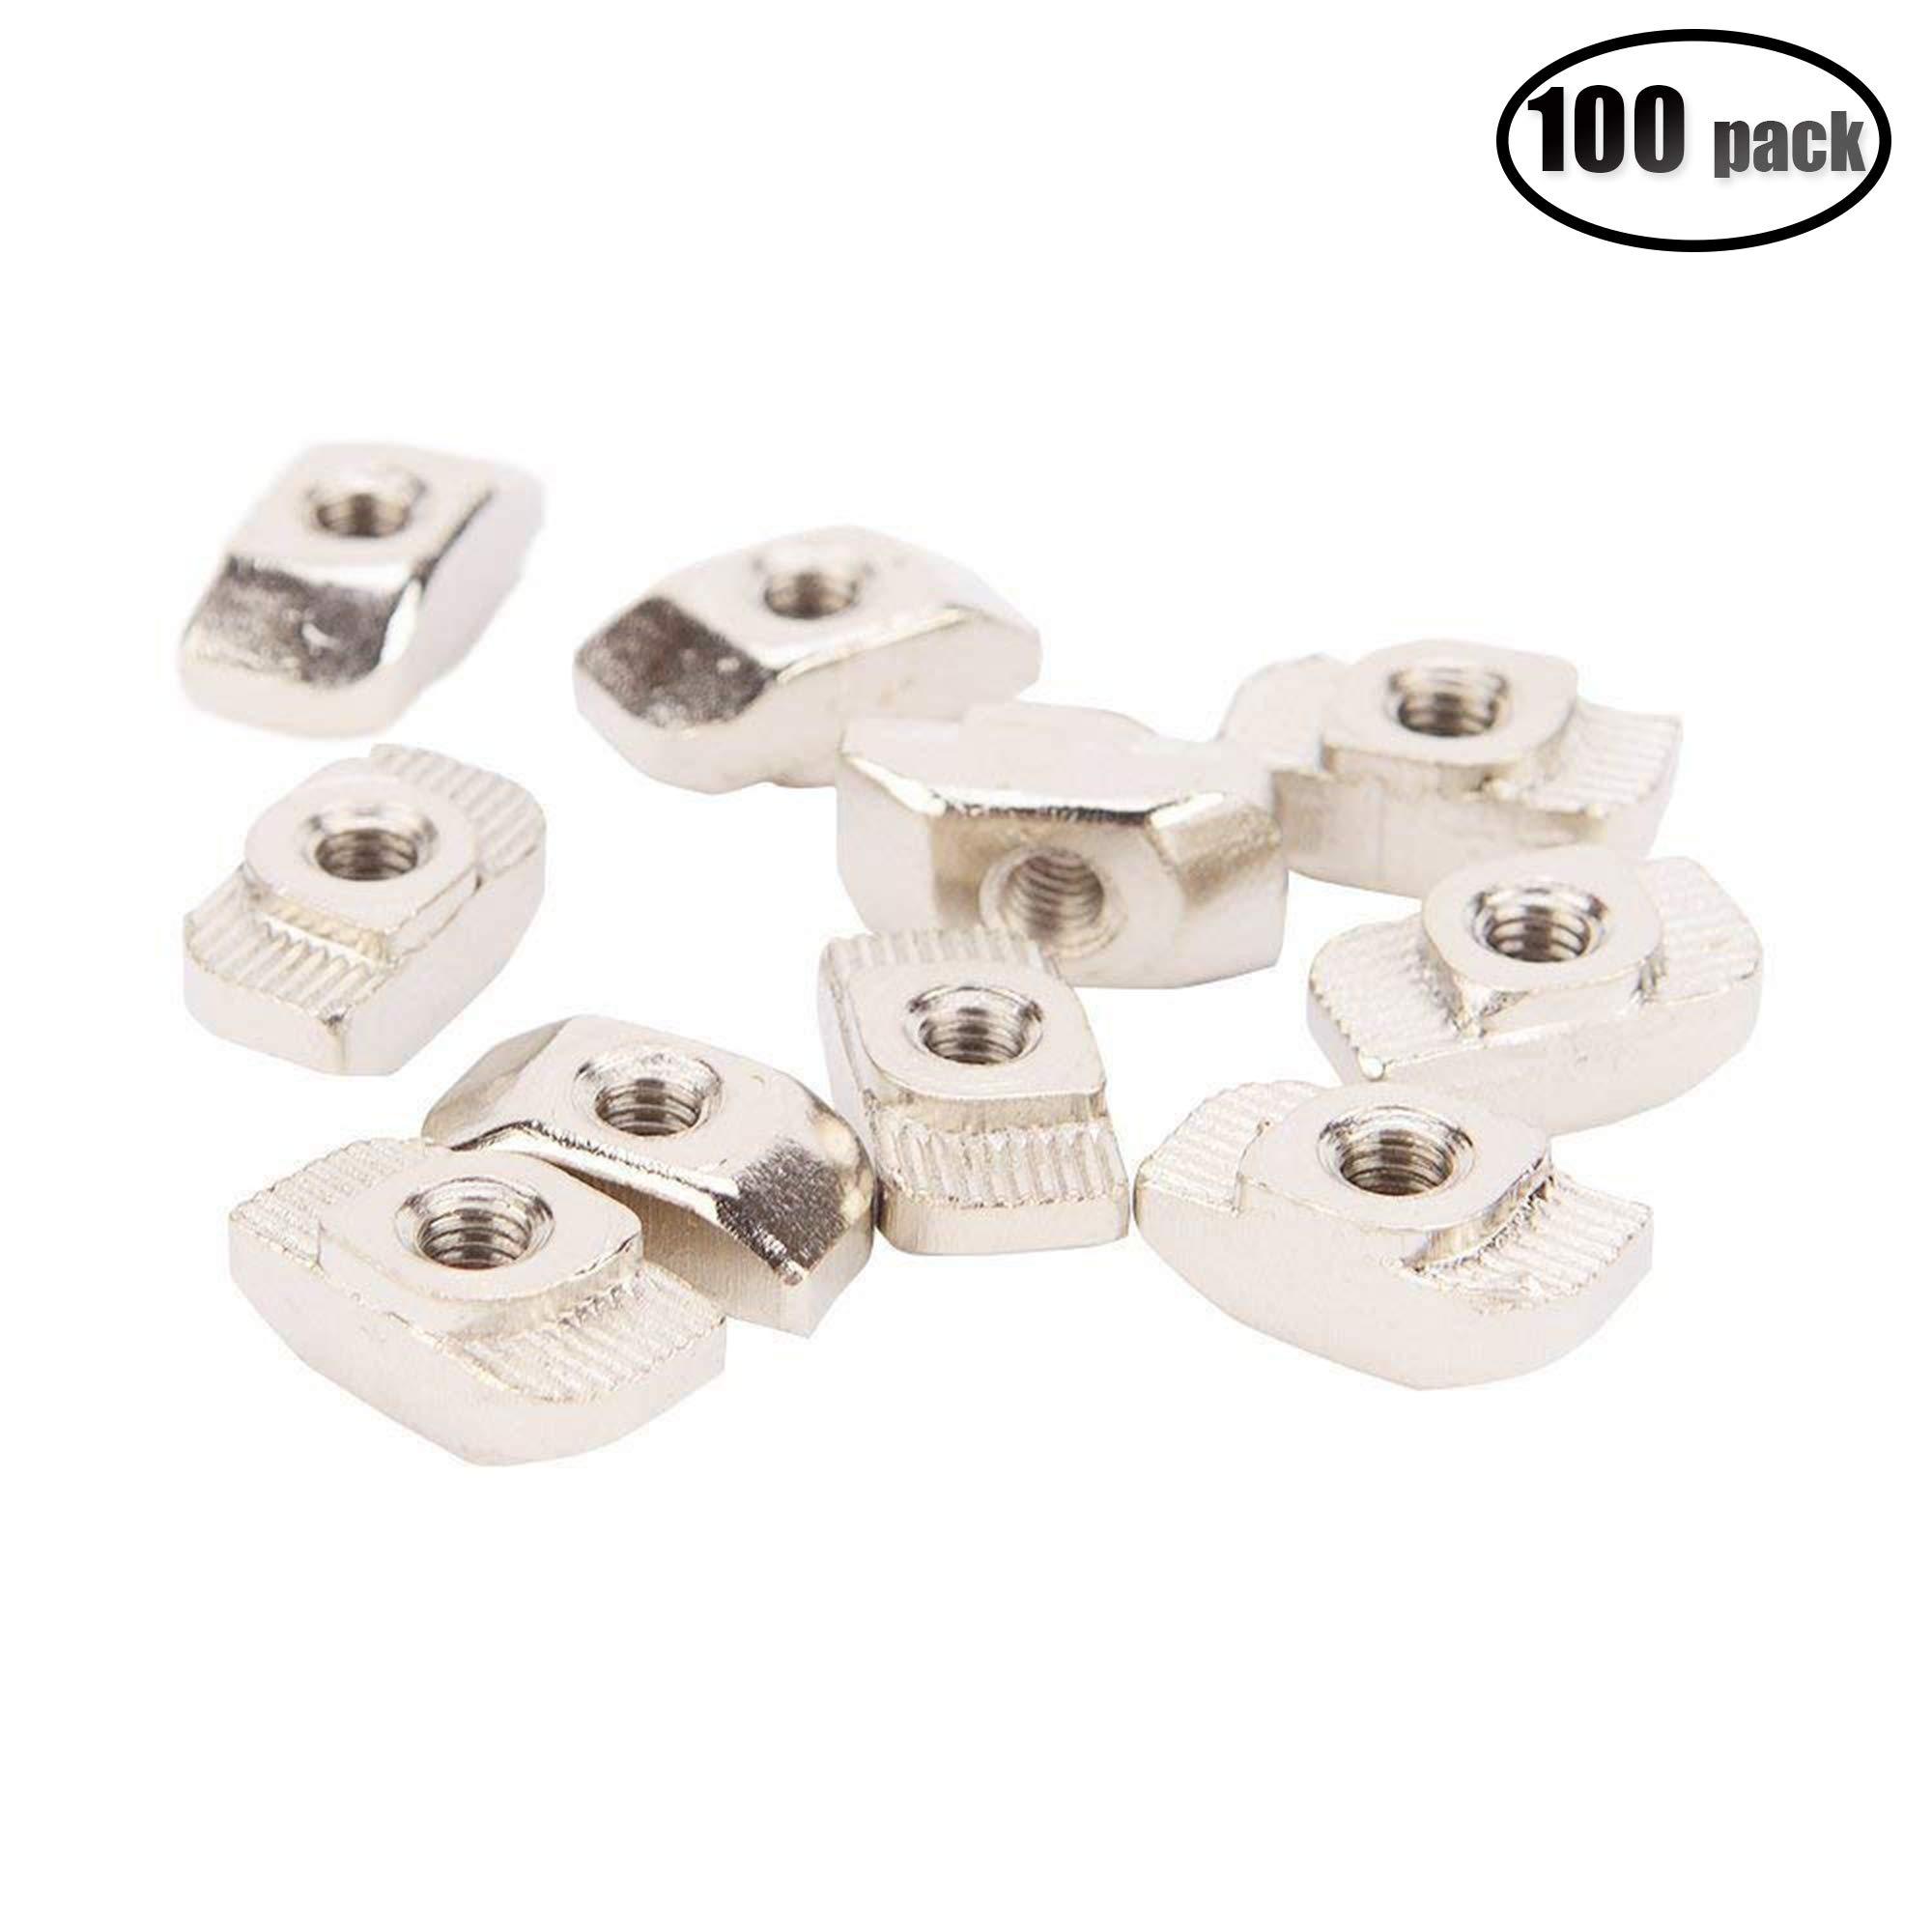 IZTOSS 100PCS Post Assembly M4 T Nut for 3030 Aluminum Profile